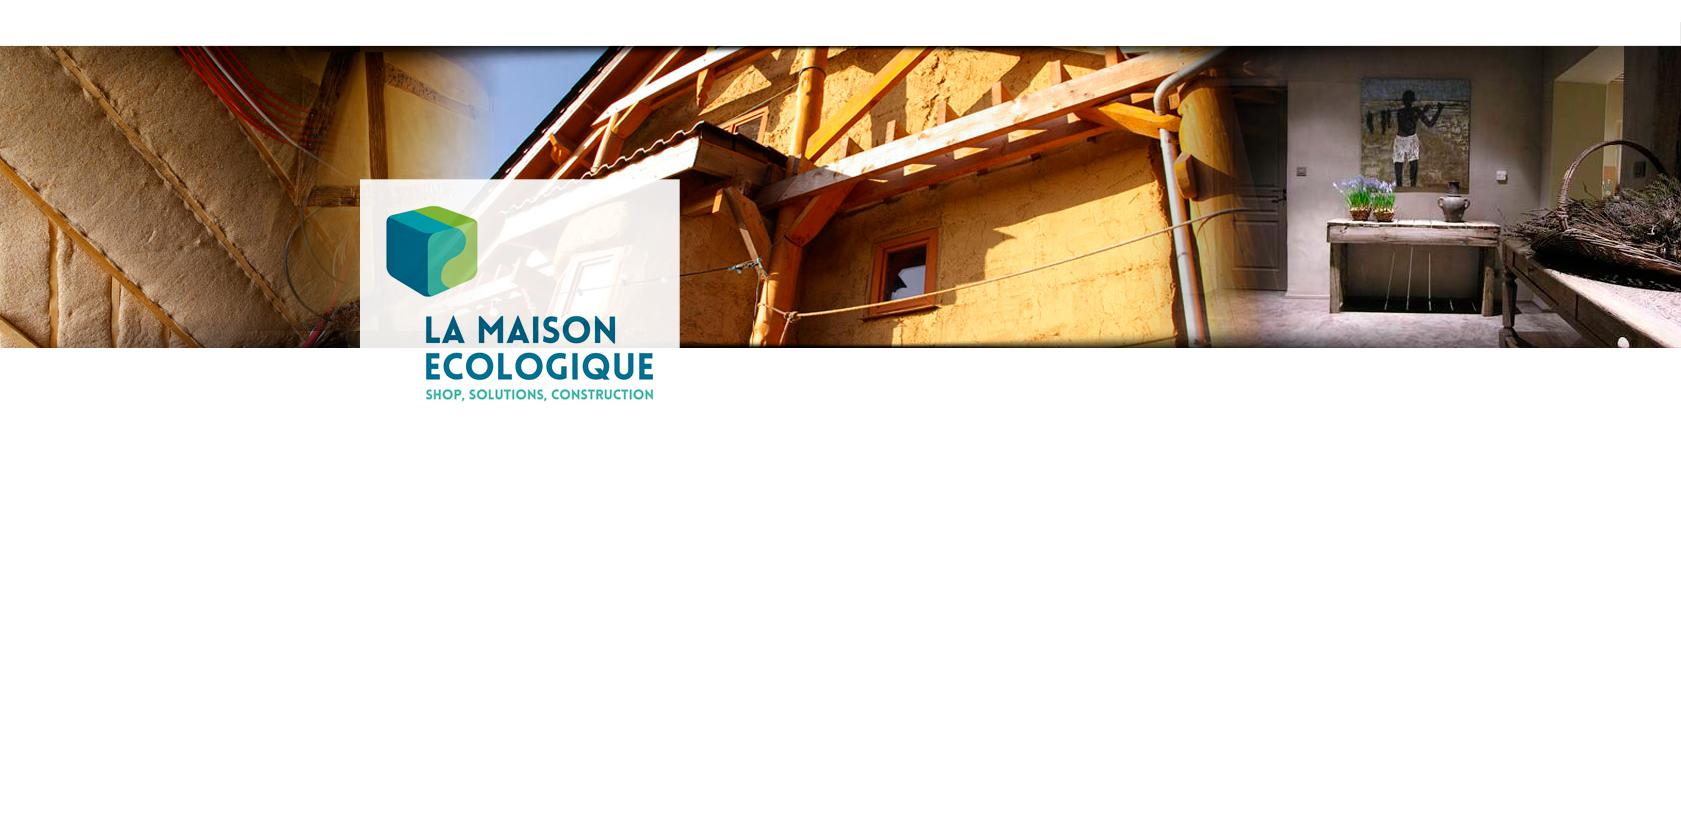 La maison ecologique sprl namur t l 081435 mat riaux de const - Materiaux construction maison ...